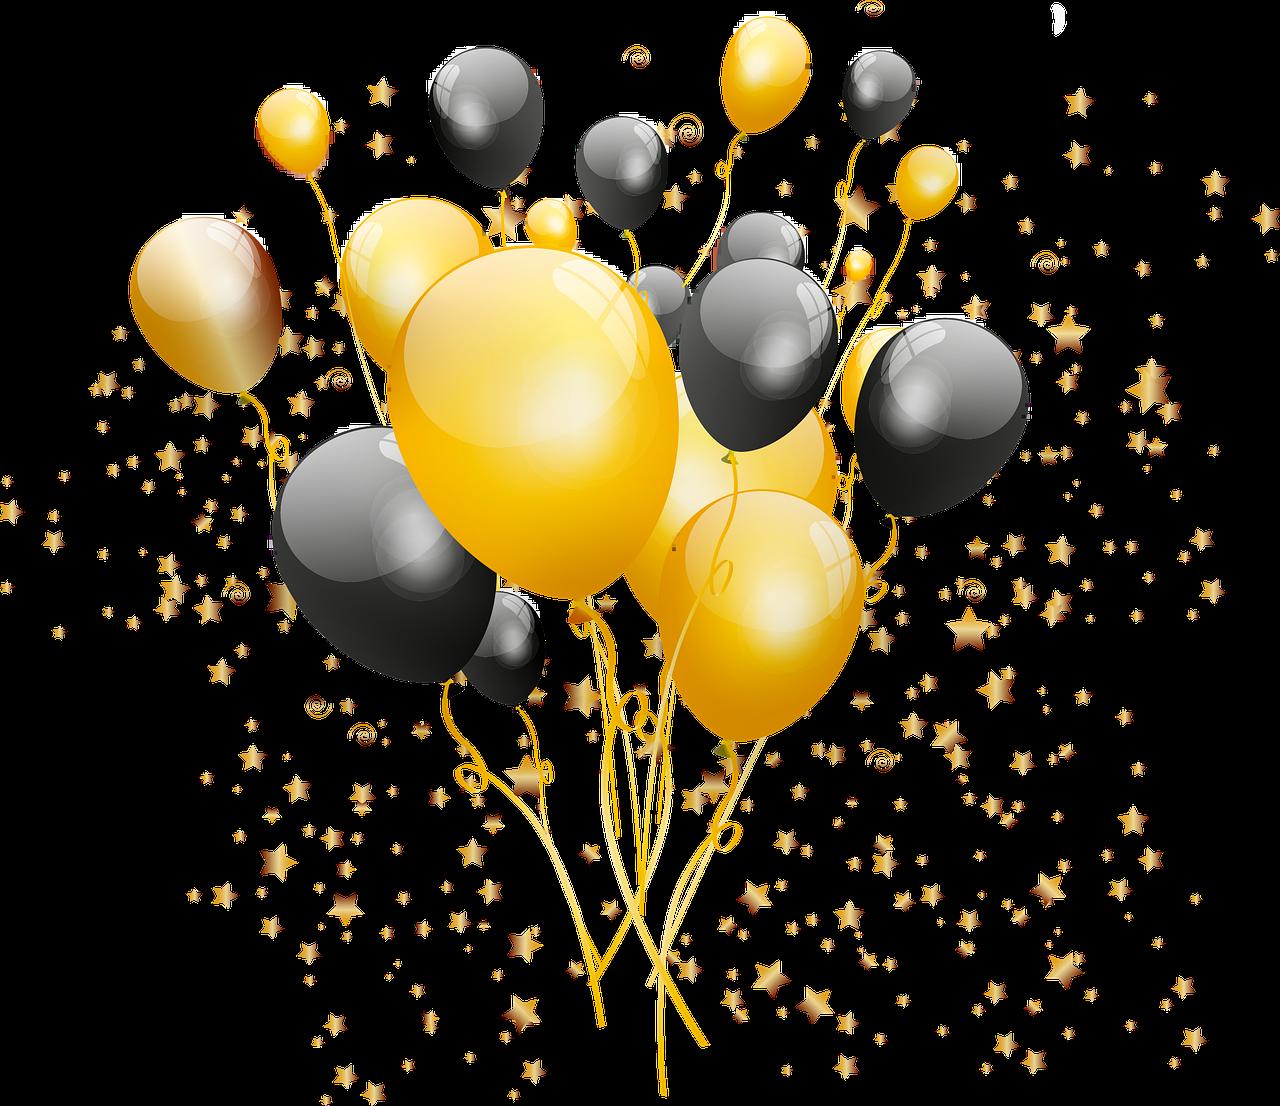 Kostenloses Bild Auf Pixabay Gold Und Schwarze Ballons Konfetti In 2020 Schwarze Luftballons Kostenlose Bilder Konfetti